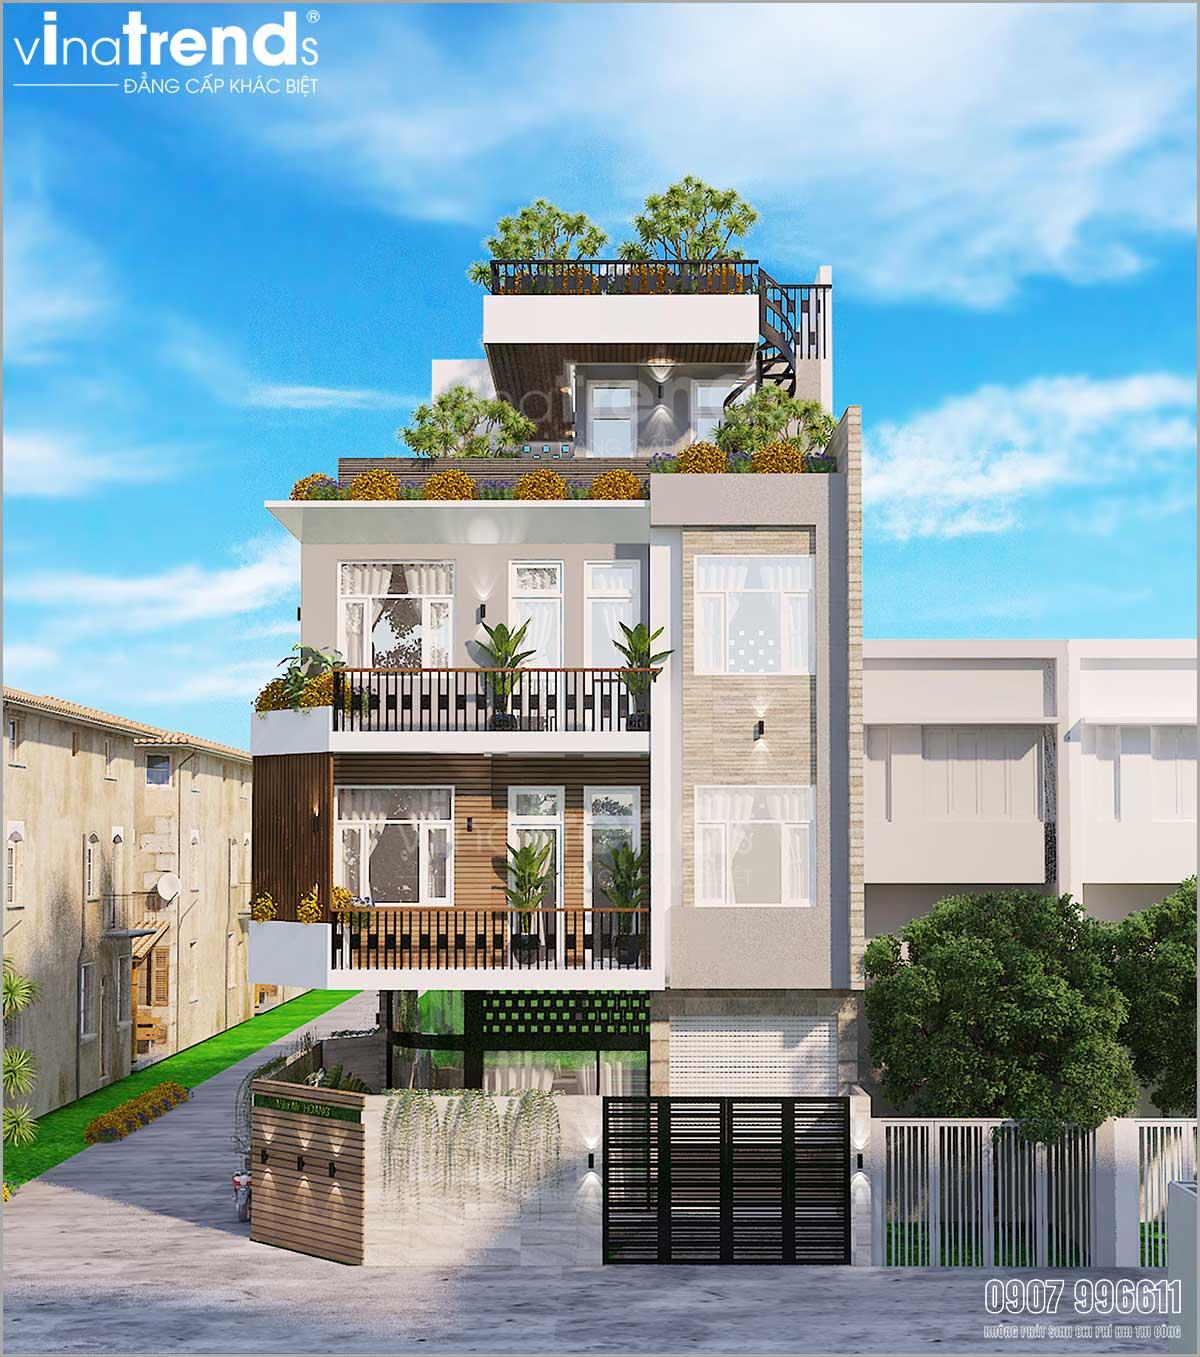 mau nha 4 tang co san thuong hien dai co 3 mat tien o hcm Mẫu nhà biệt thự hiện đại 3 mặt tiền 4 tầng có sân thượng diện tích 9,6x9,5m ở Quận 2 Sài Gòn